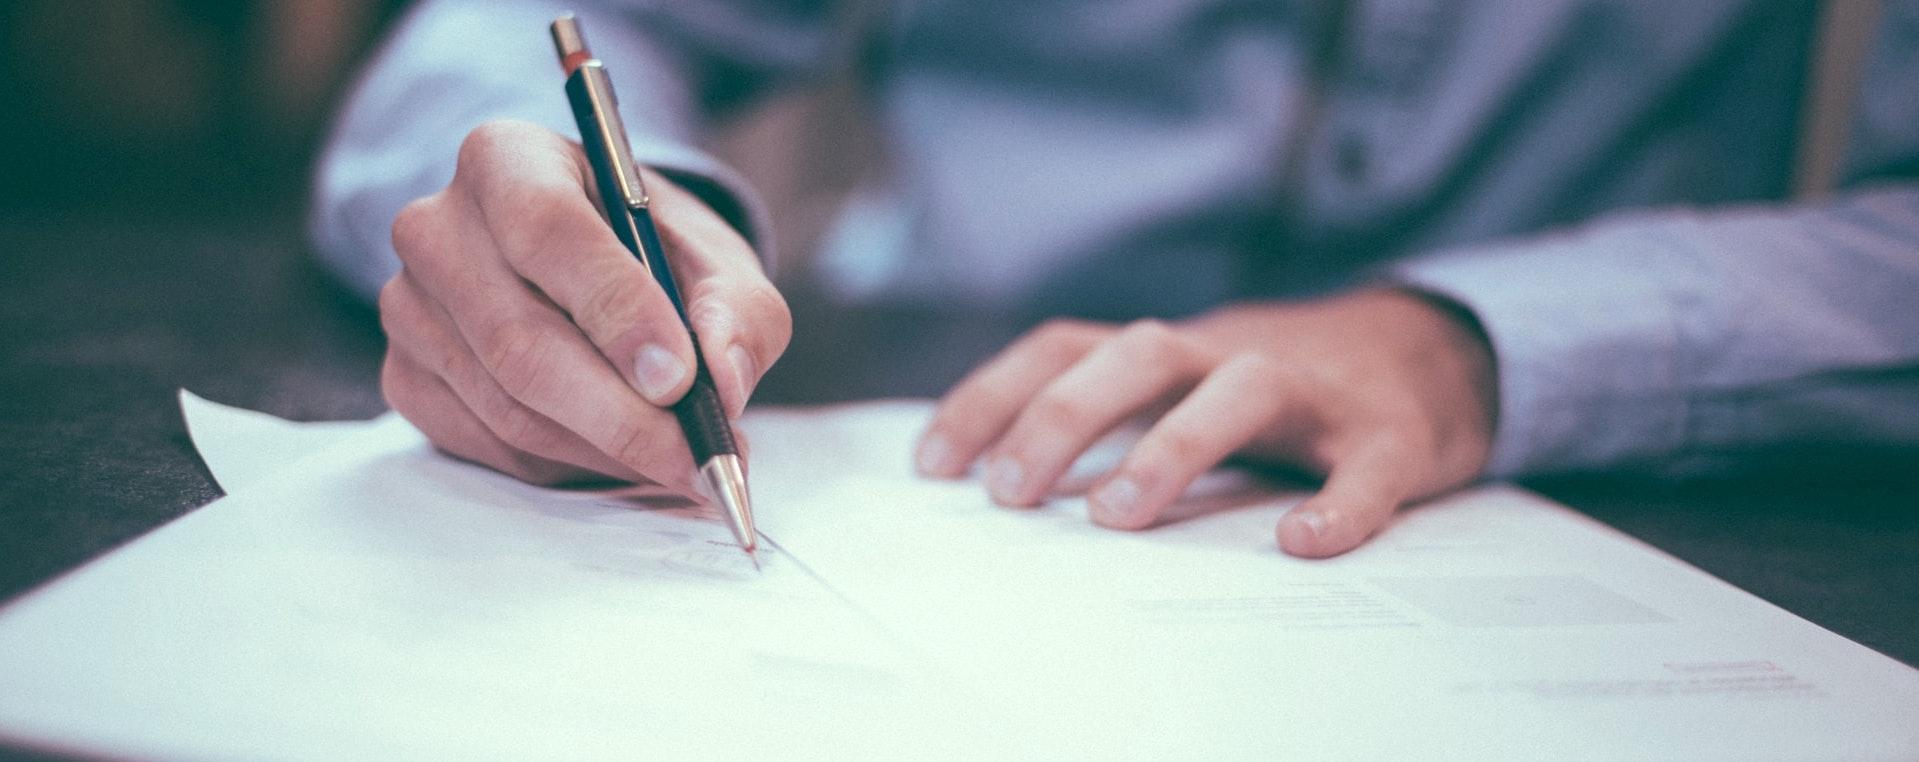 Il subentro contrattuale a seguito di dichiarazione di inefficacia del contratto: il Consiglio di Stato accoglie ricorso dello Studio legale Vinti & Associati